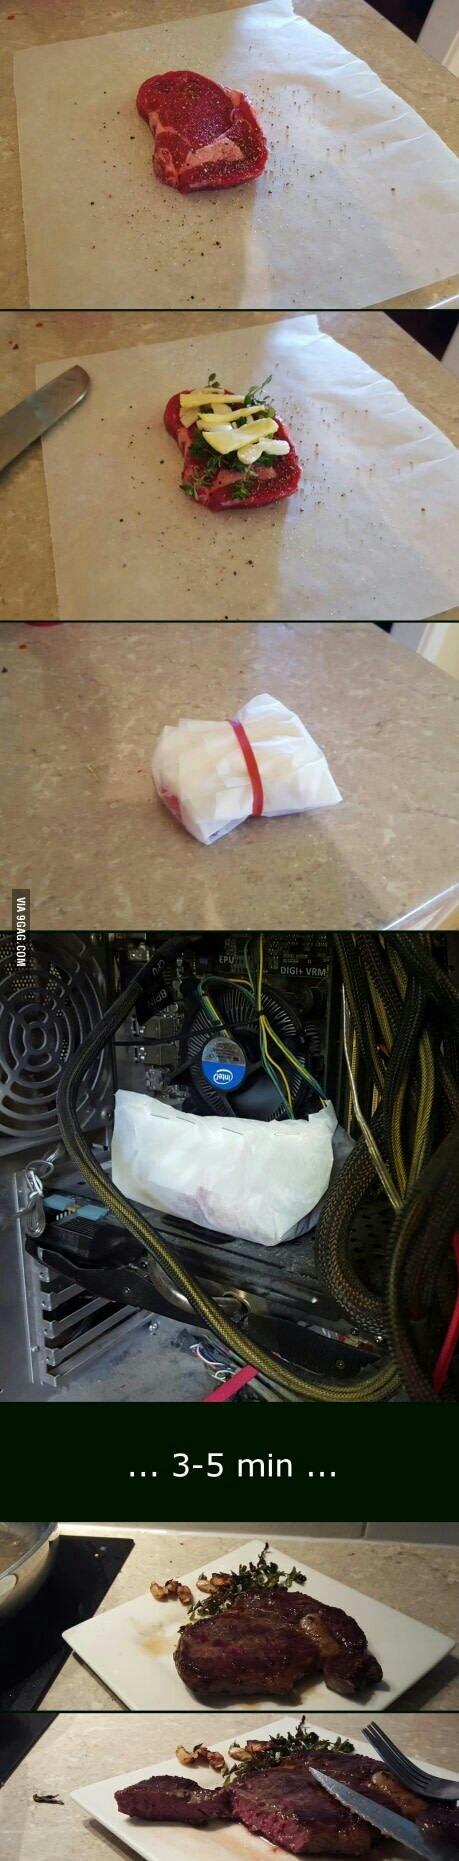 Quem não tiver microondas sem casa usem o desktop de vocês:) - meme